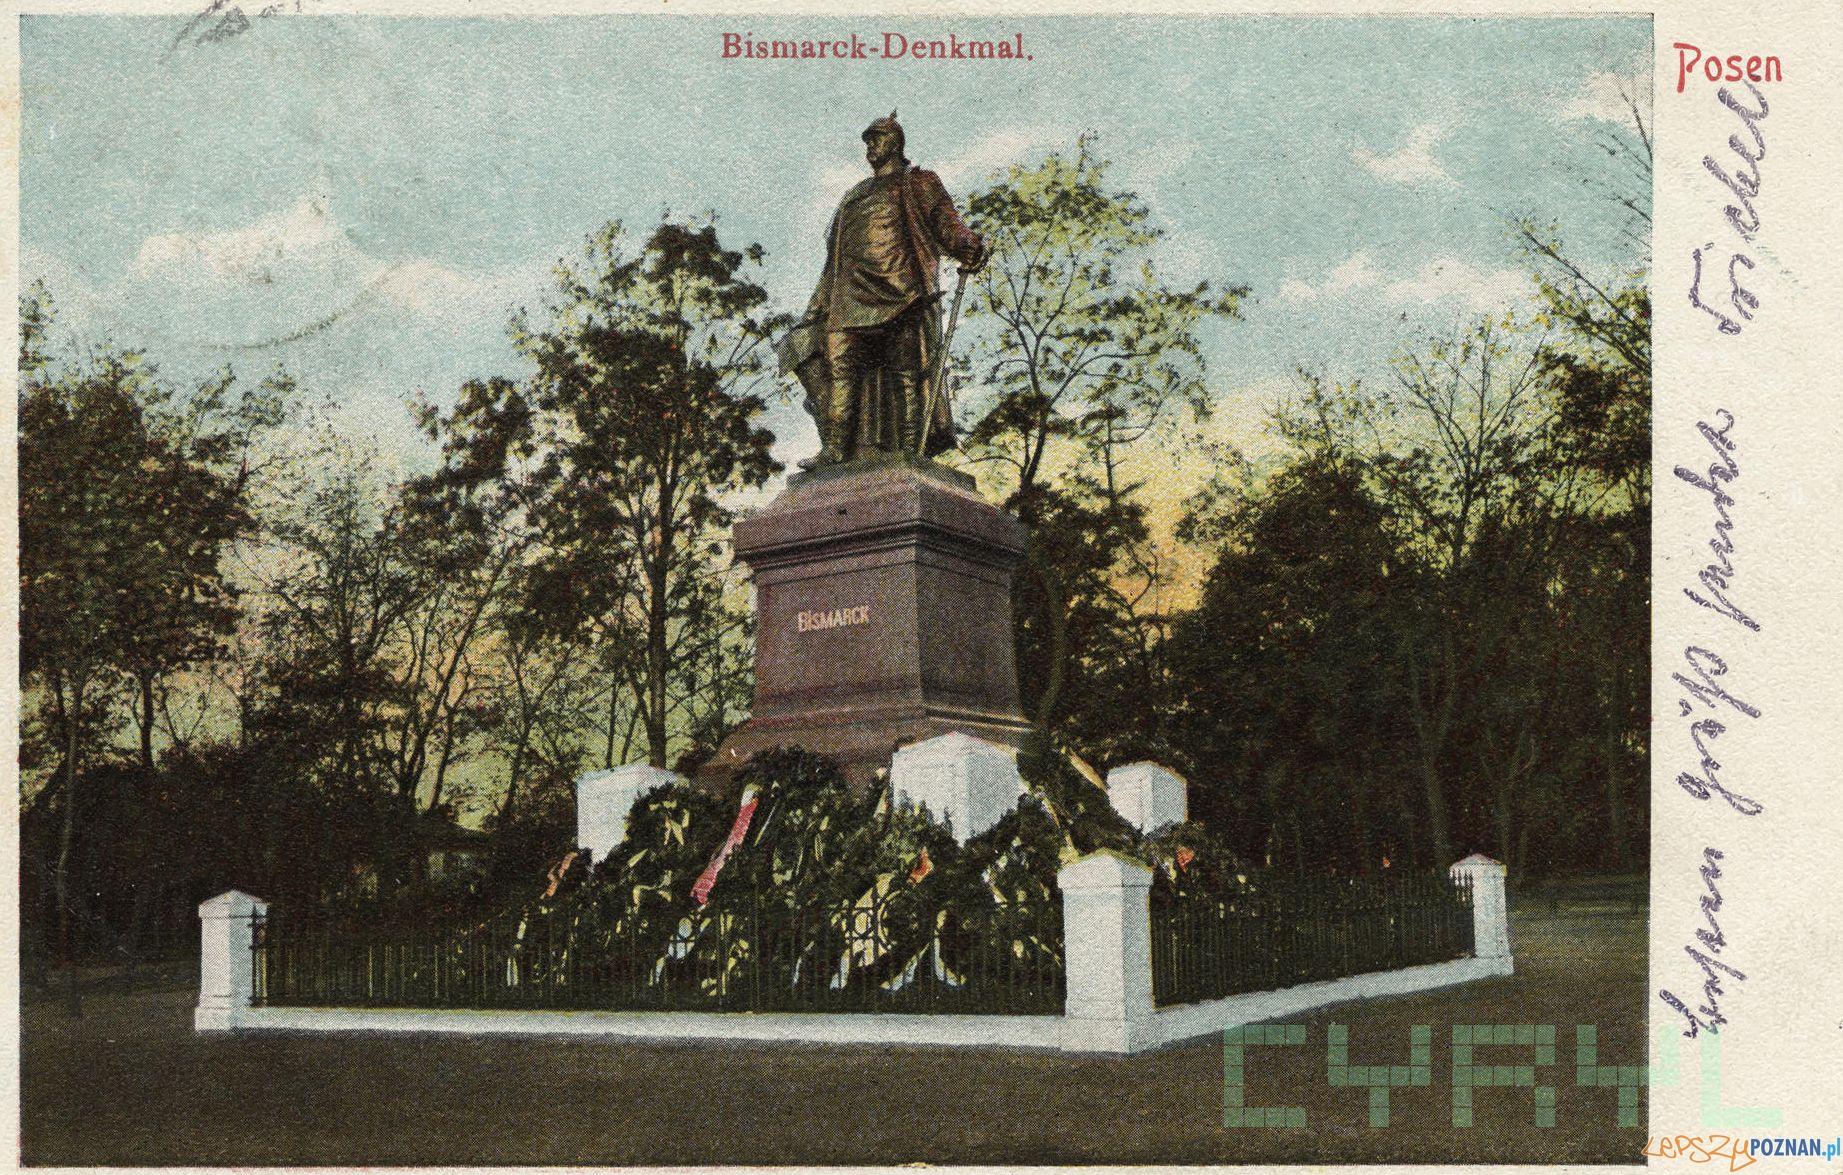 Pomnik Bismarcka na dzisiejszym Placu Mickiewicza 1903-1905